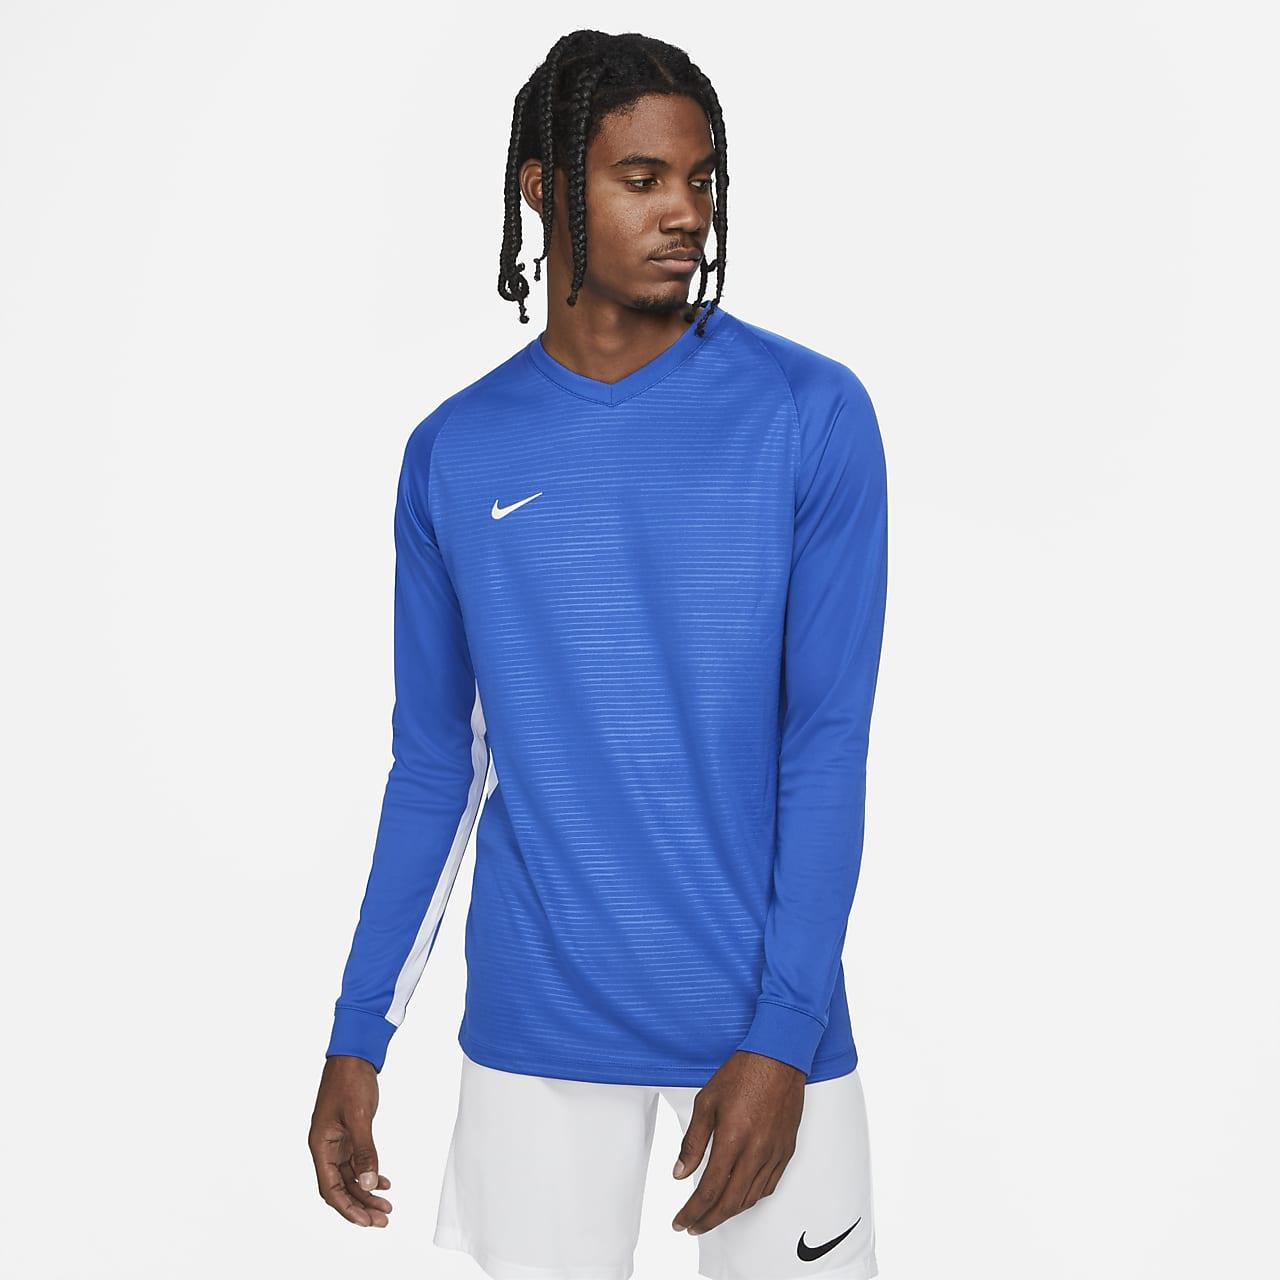 Nike Dri-FIT Tiempo Men's Long-Sleeve Soccer Jersey